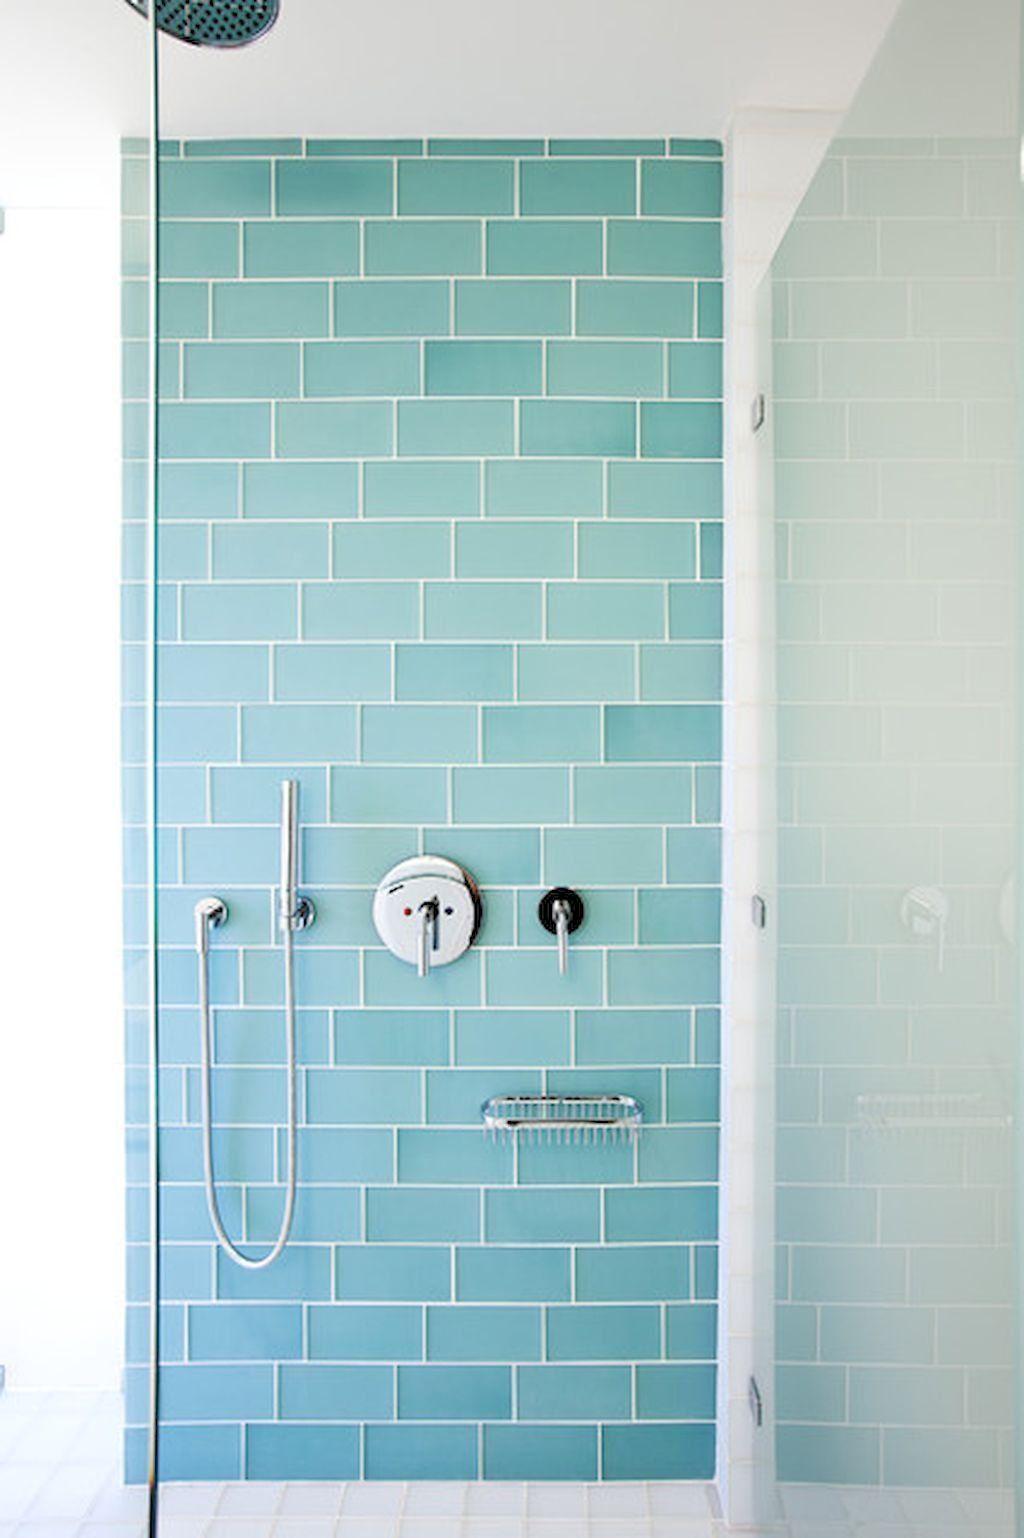 80 stunning tile shower designs ideas for bathroom remodel (70 ...